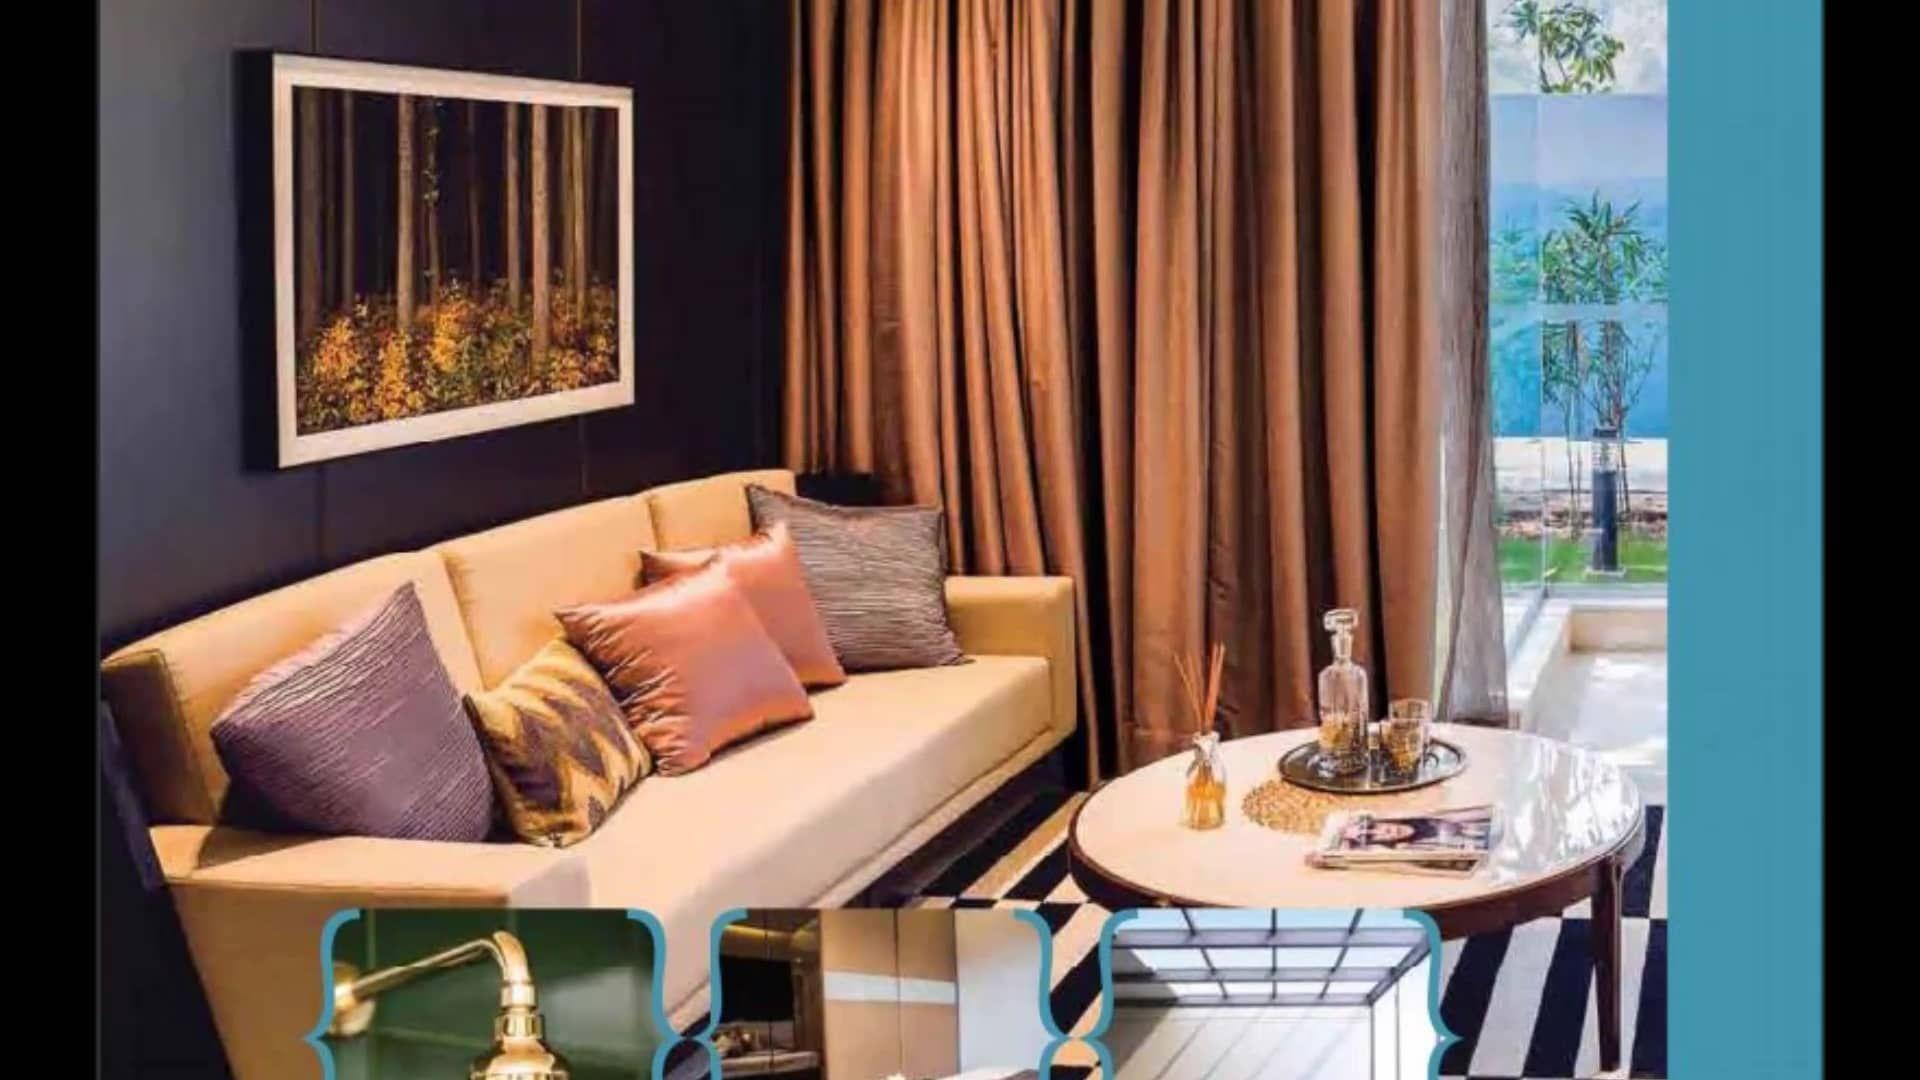 Tata Serein Thane High rise apartments, Thane, Live